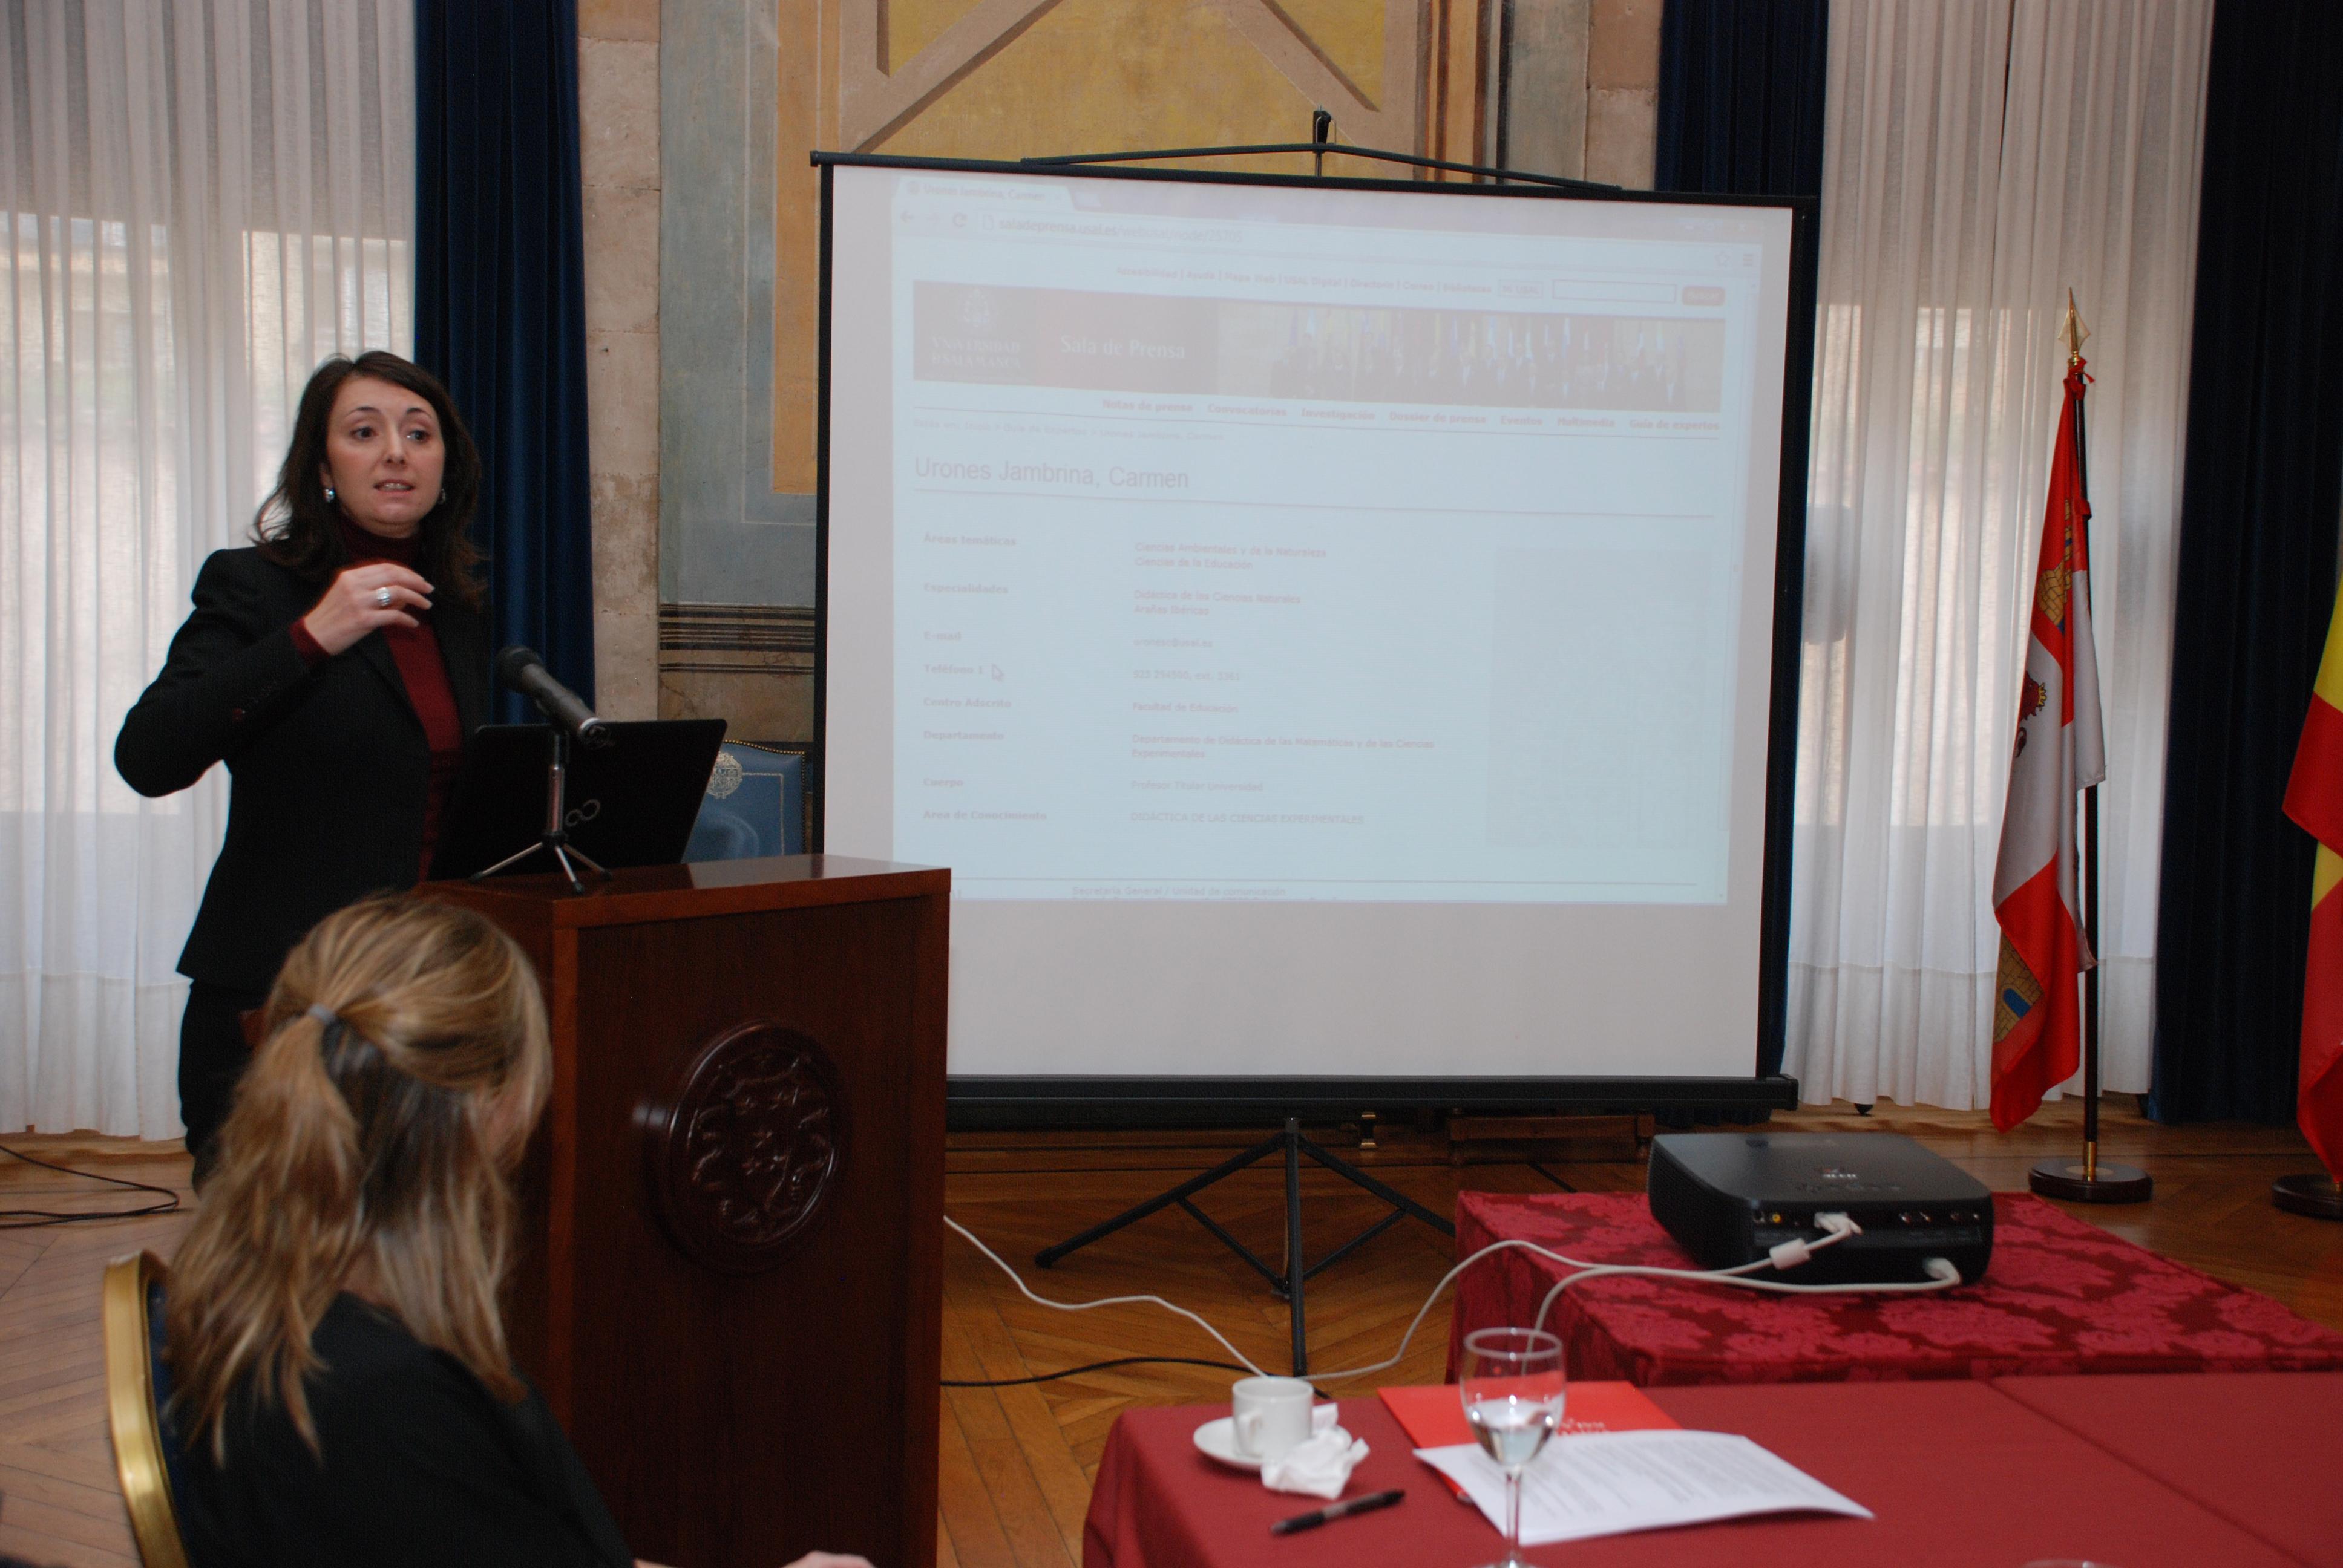 La Universidad de Salamanca reedita su Guía de Expertos en formato digital con 346 especialistas en más de 800 temas